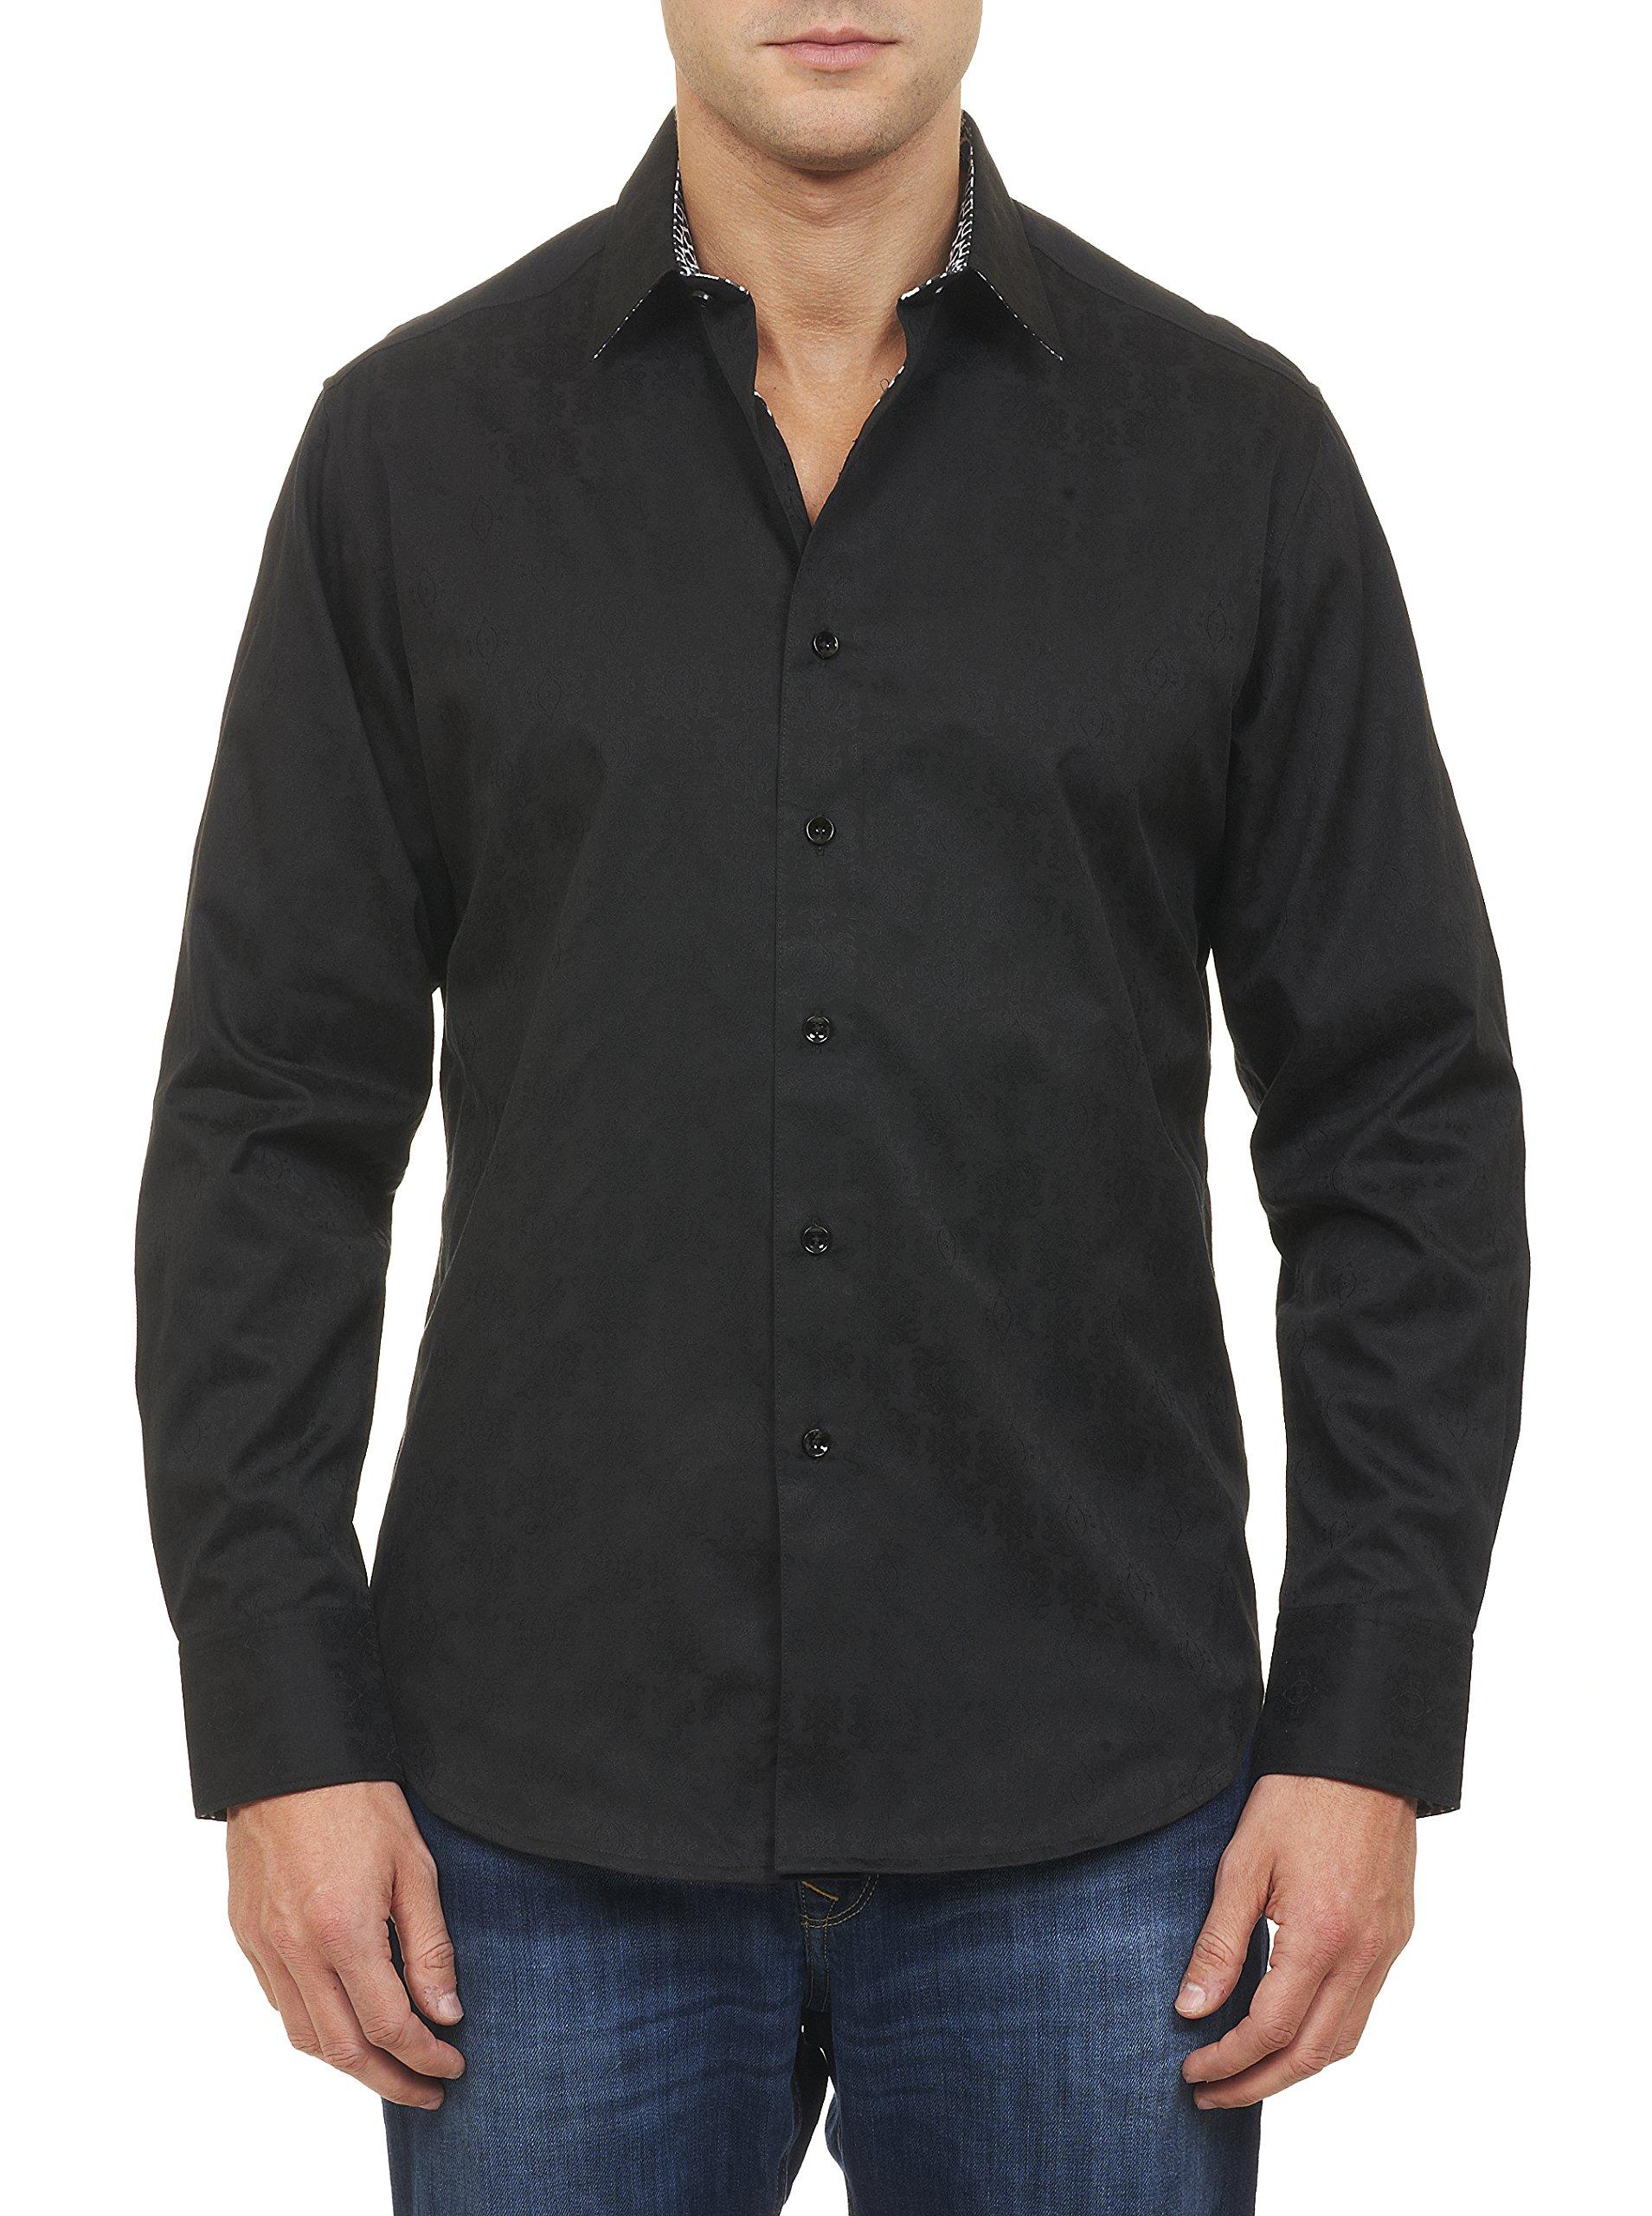 Robert Graham Men's Cullen Long-Sleeve Button-Down Shirt, Black, Large